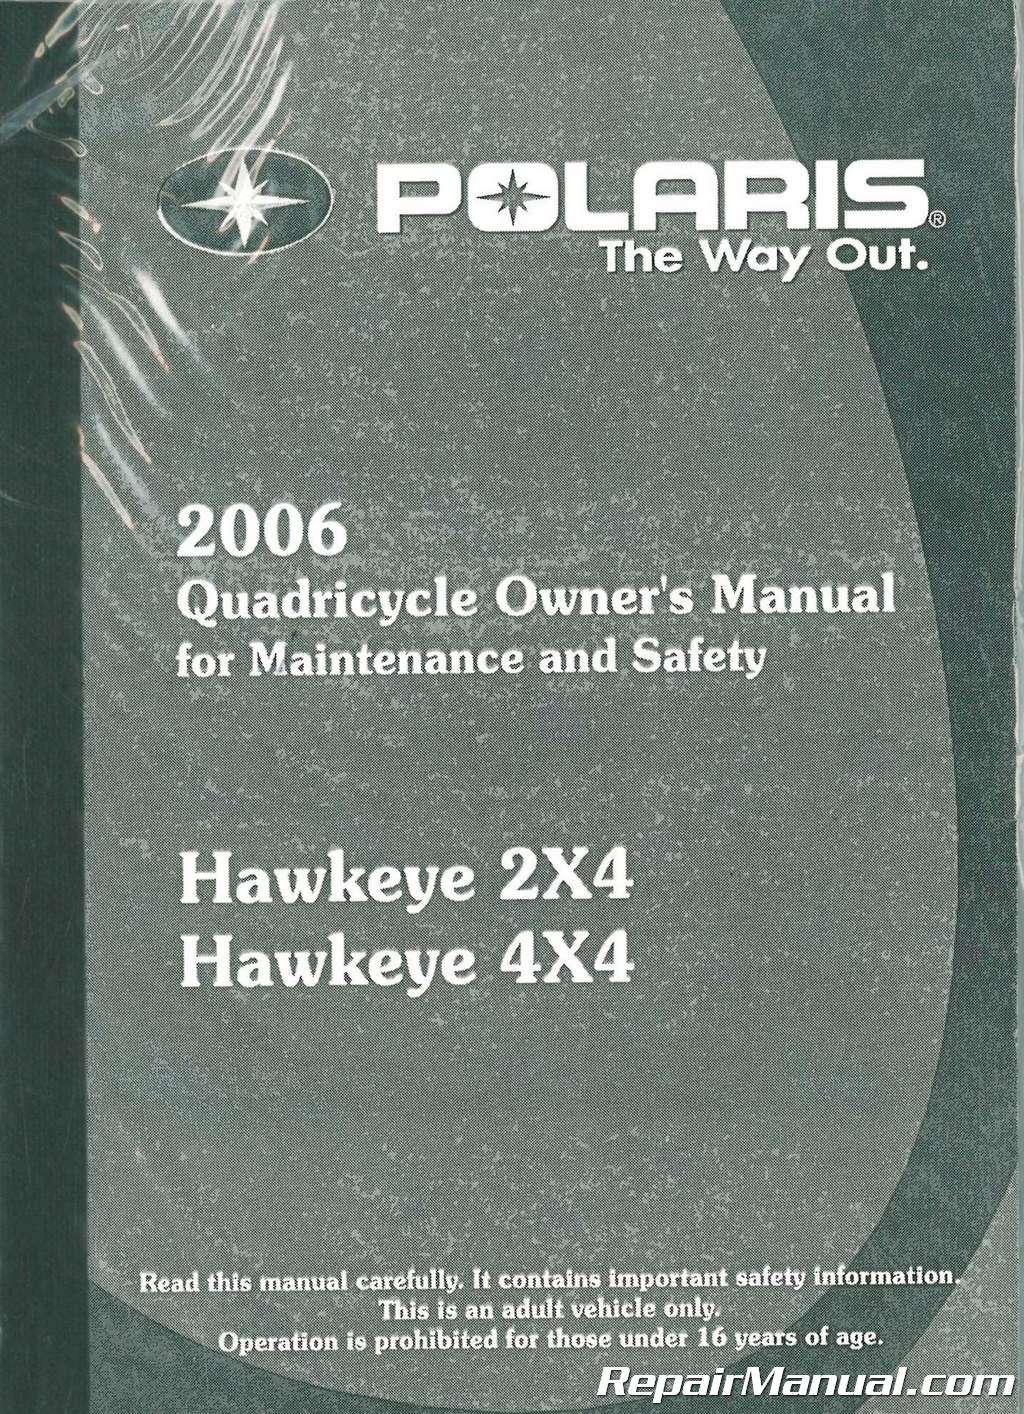 2006 polaris hawkeye 300 2x4 and 4x4 international owners manual rh repairmanual com 2006 Polaris Hawkeye 300 2X4 2006 Polaris Hawkeye 300 2X4